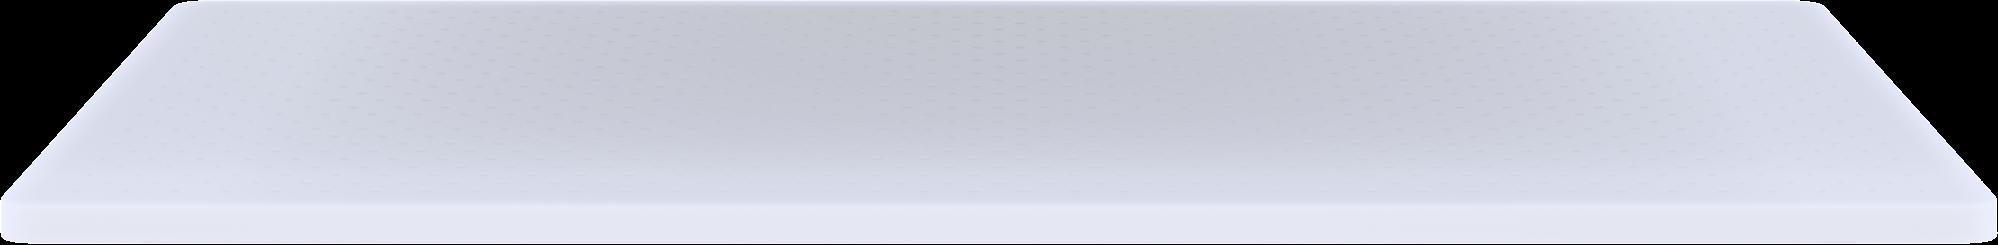 Wave Hybrid mattress second layer render